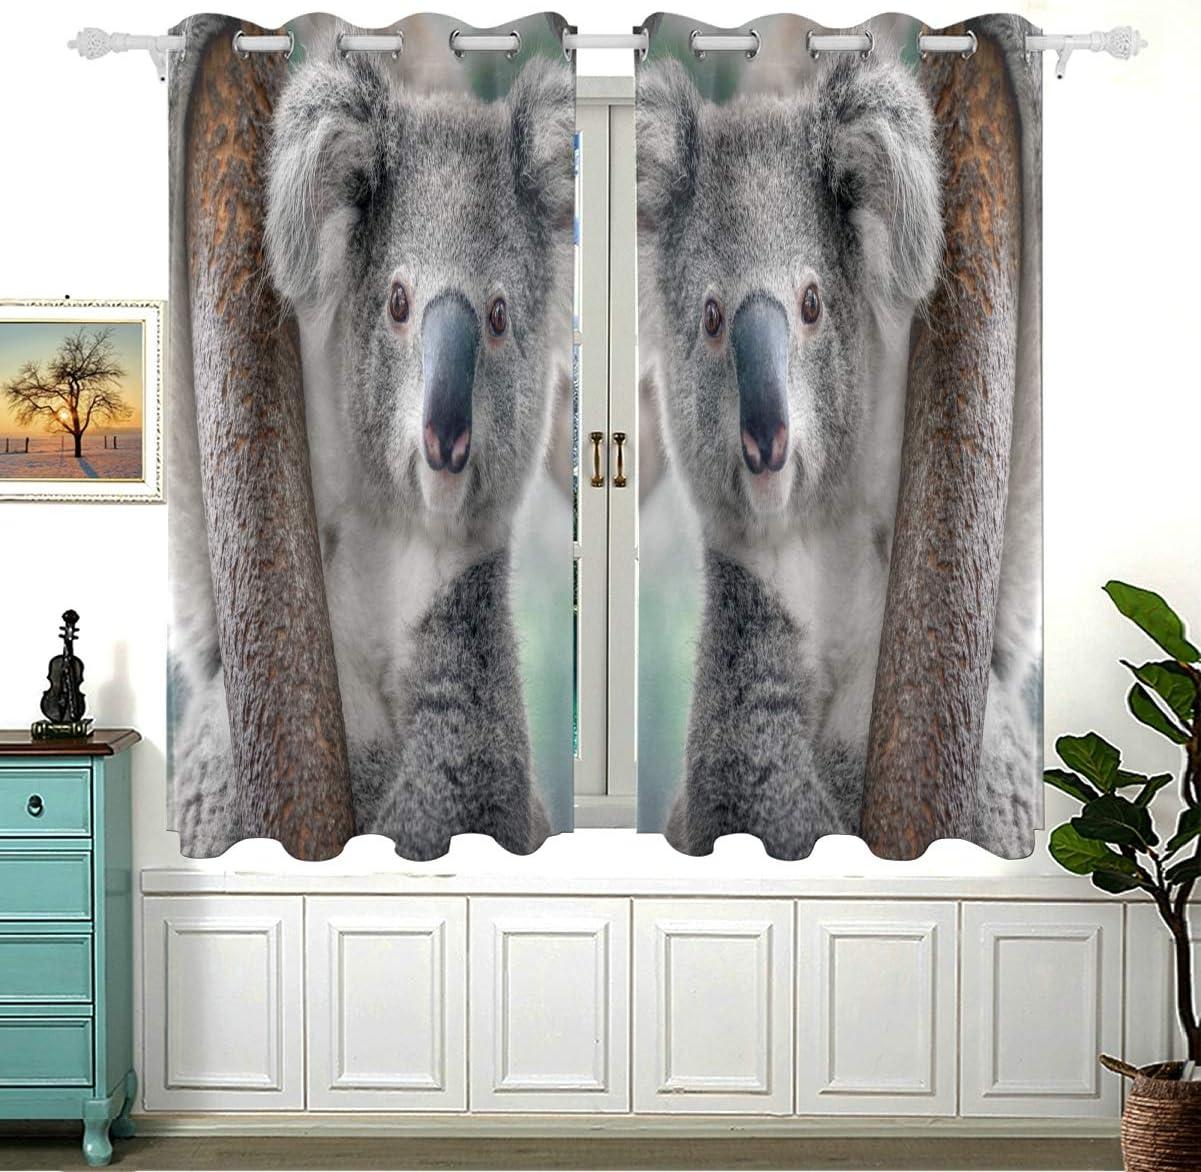 Lovely Koala On Tree para dormitorio, cortinas al aire libre, cortinas deslizantes para dormitorio, cortinas de cocina con aislamiento térmico, ojales opacos, juego de 2 paneles (54 x 55 pulgadas)